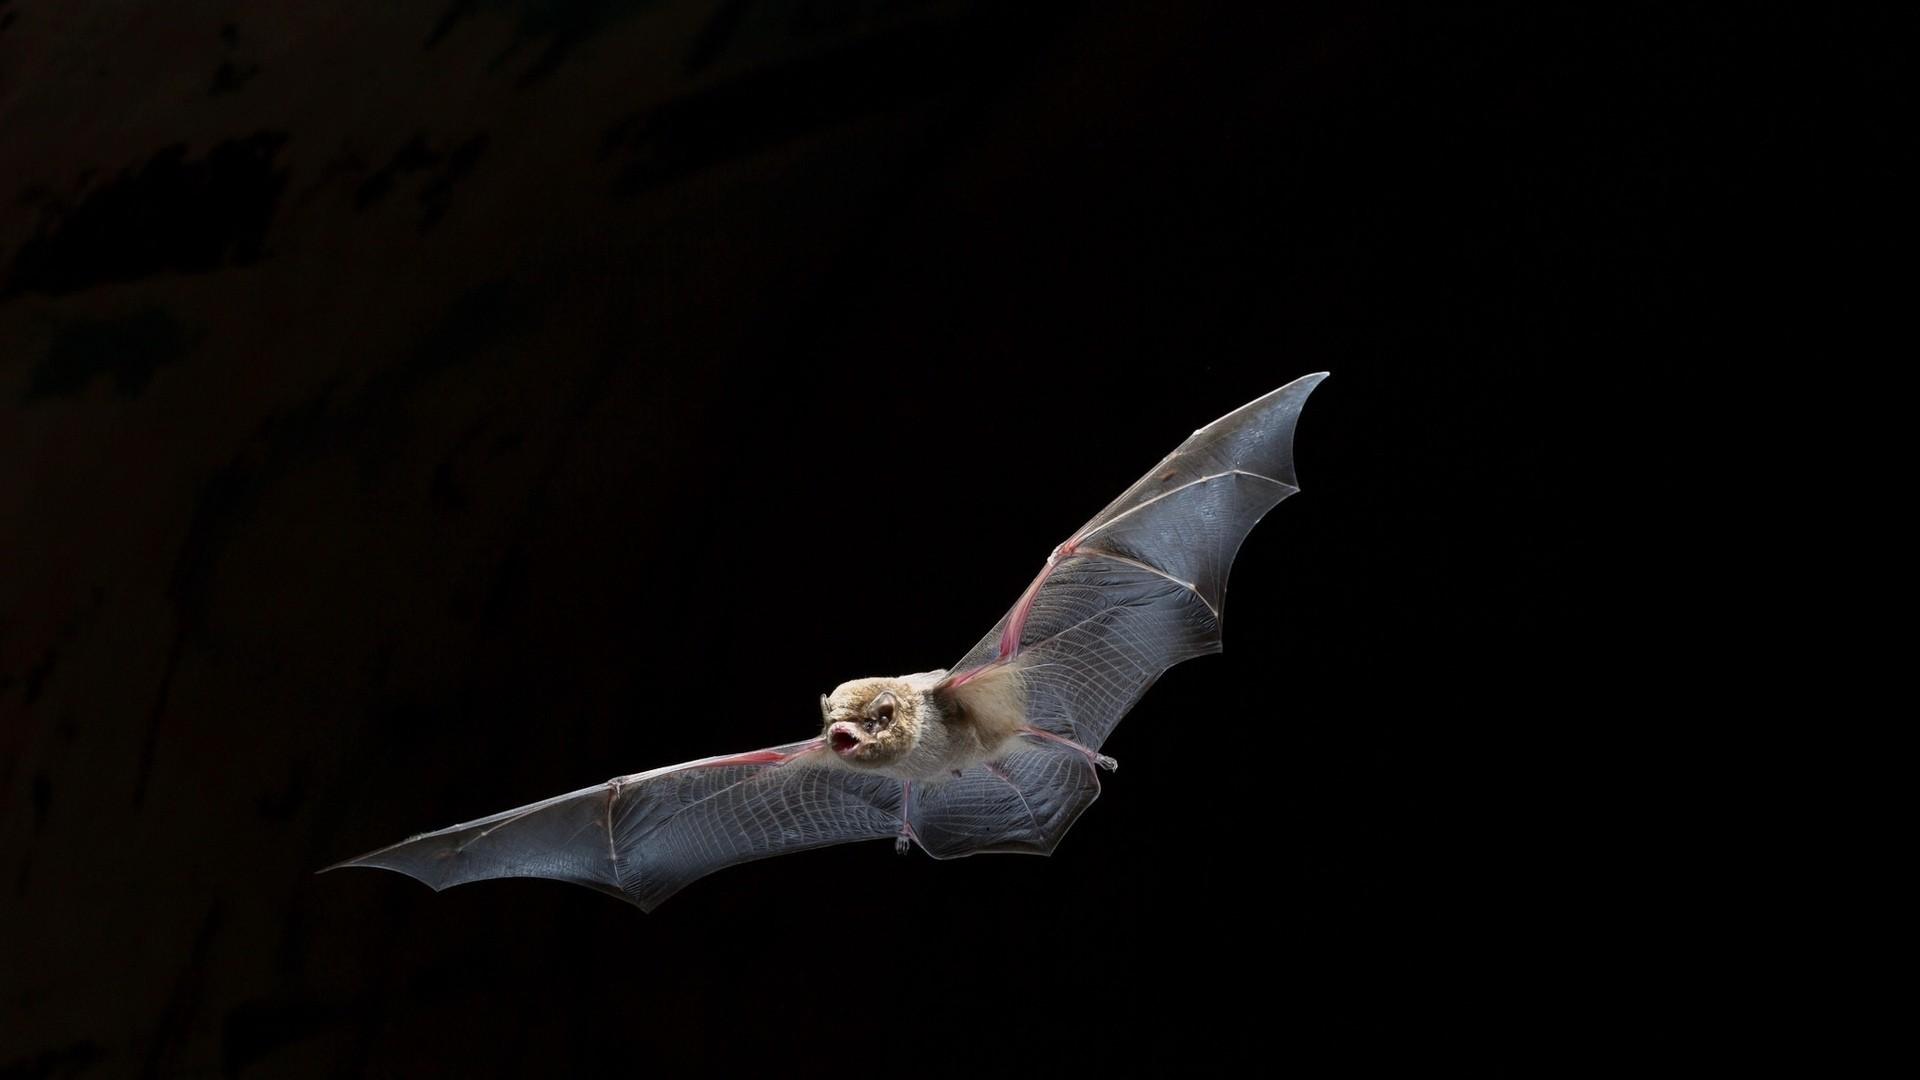 Bat Wallpaper theme